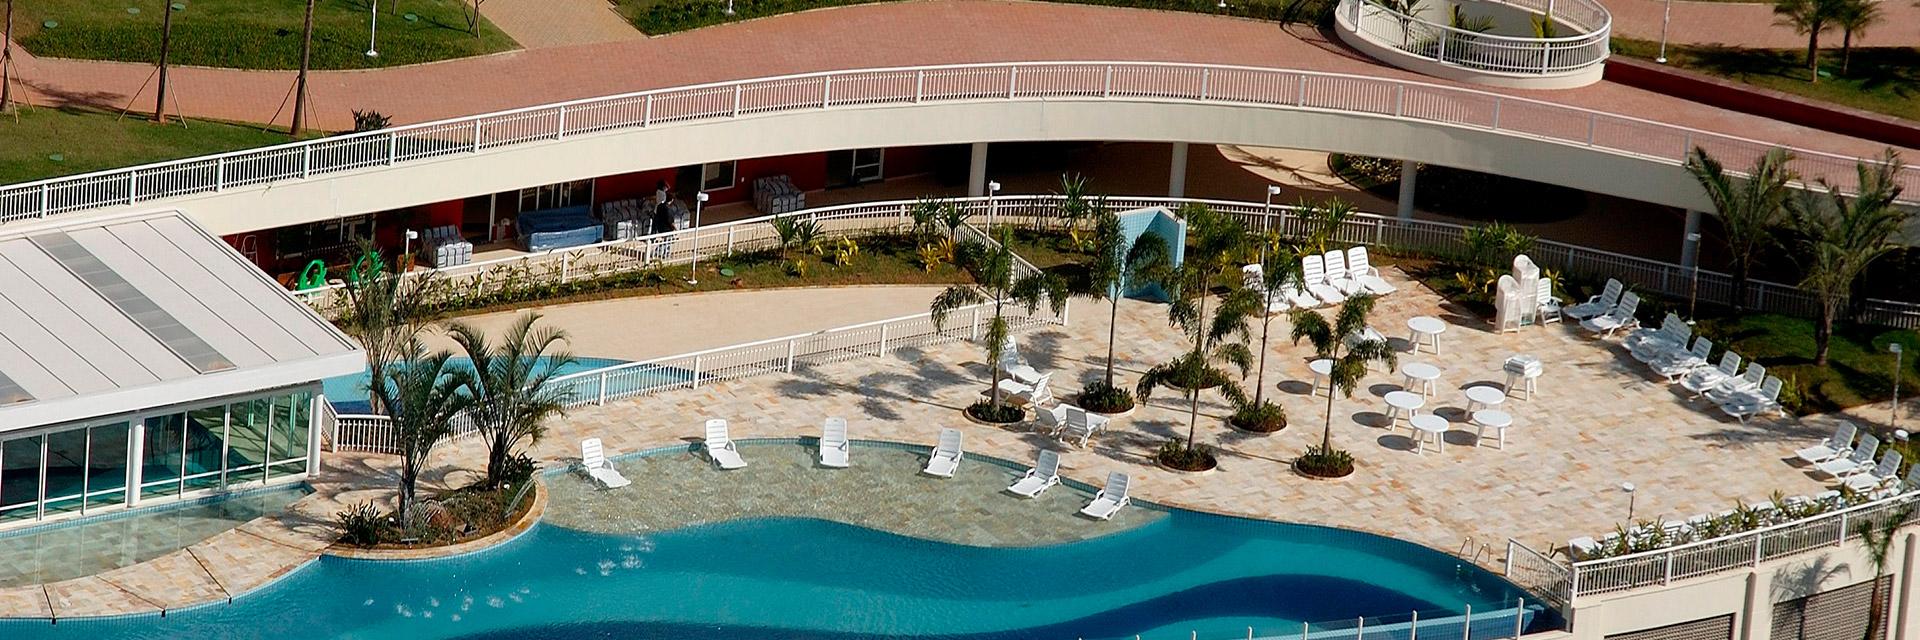 Foto aérea da piscina